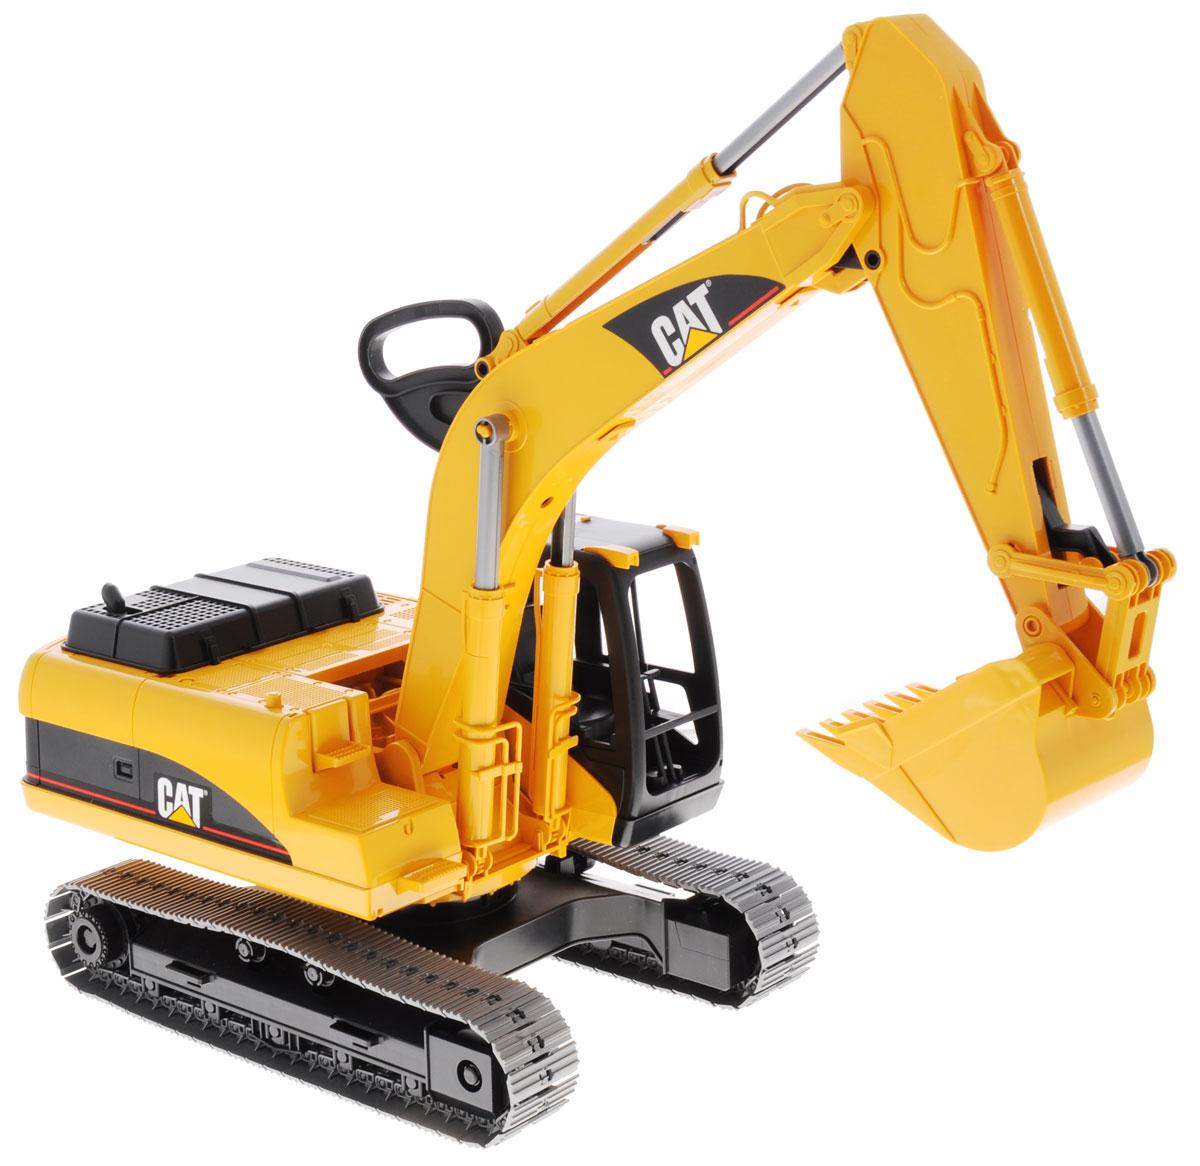 Bruder Экскаватор гусеничный Cat02-438Гусеничный экскаватор Bruder Cat, выполненный из прочного и безопасного материала, обязательно понравится каждому мальчику и займет его увлекательной игрой. Машина является уменьшенной копией экскаватора фирмы Cat. Экскаватор оснащен большим ковшом, с помощью которого можно перемещать материалы (камушки, песок, веточки и др.), убирать строительный мусор или расчищать площадку. Мощный экскаватор за считанные минуты справляется с большой глыбой песка. Экскаватором легко копать, держась за ручку на его стреле. Две опоры обеспечивают устойчивое положение. Можно заменить навесное оборудование экскаватора. Крышка моторного отсека поднимается, открывая тем самым доступ к двигателю. В незастекленную кабину машины легко поместится небольшая игрушка. С этим реалистично выполненным экскаватором ваш малыш часами будет занят игрой.